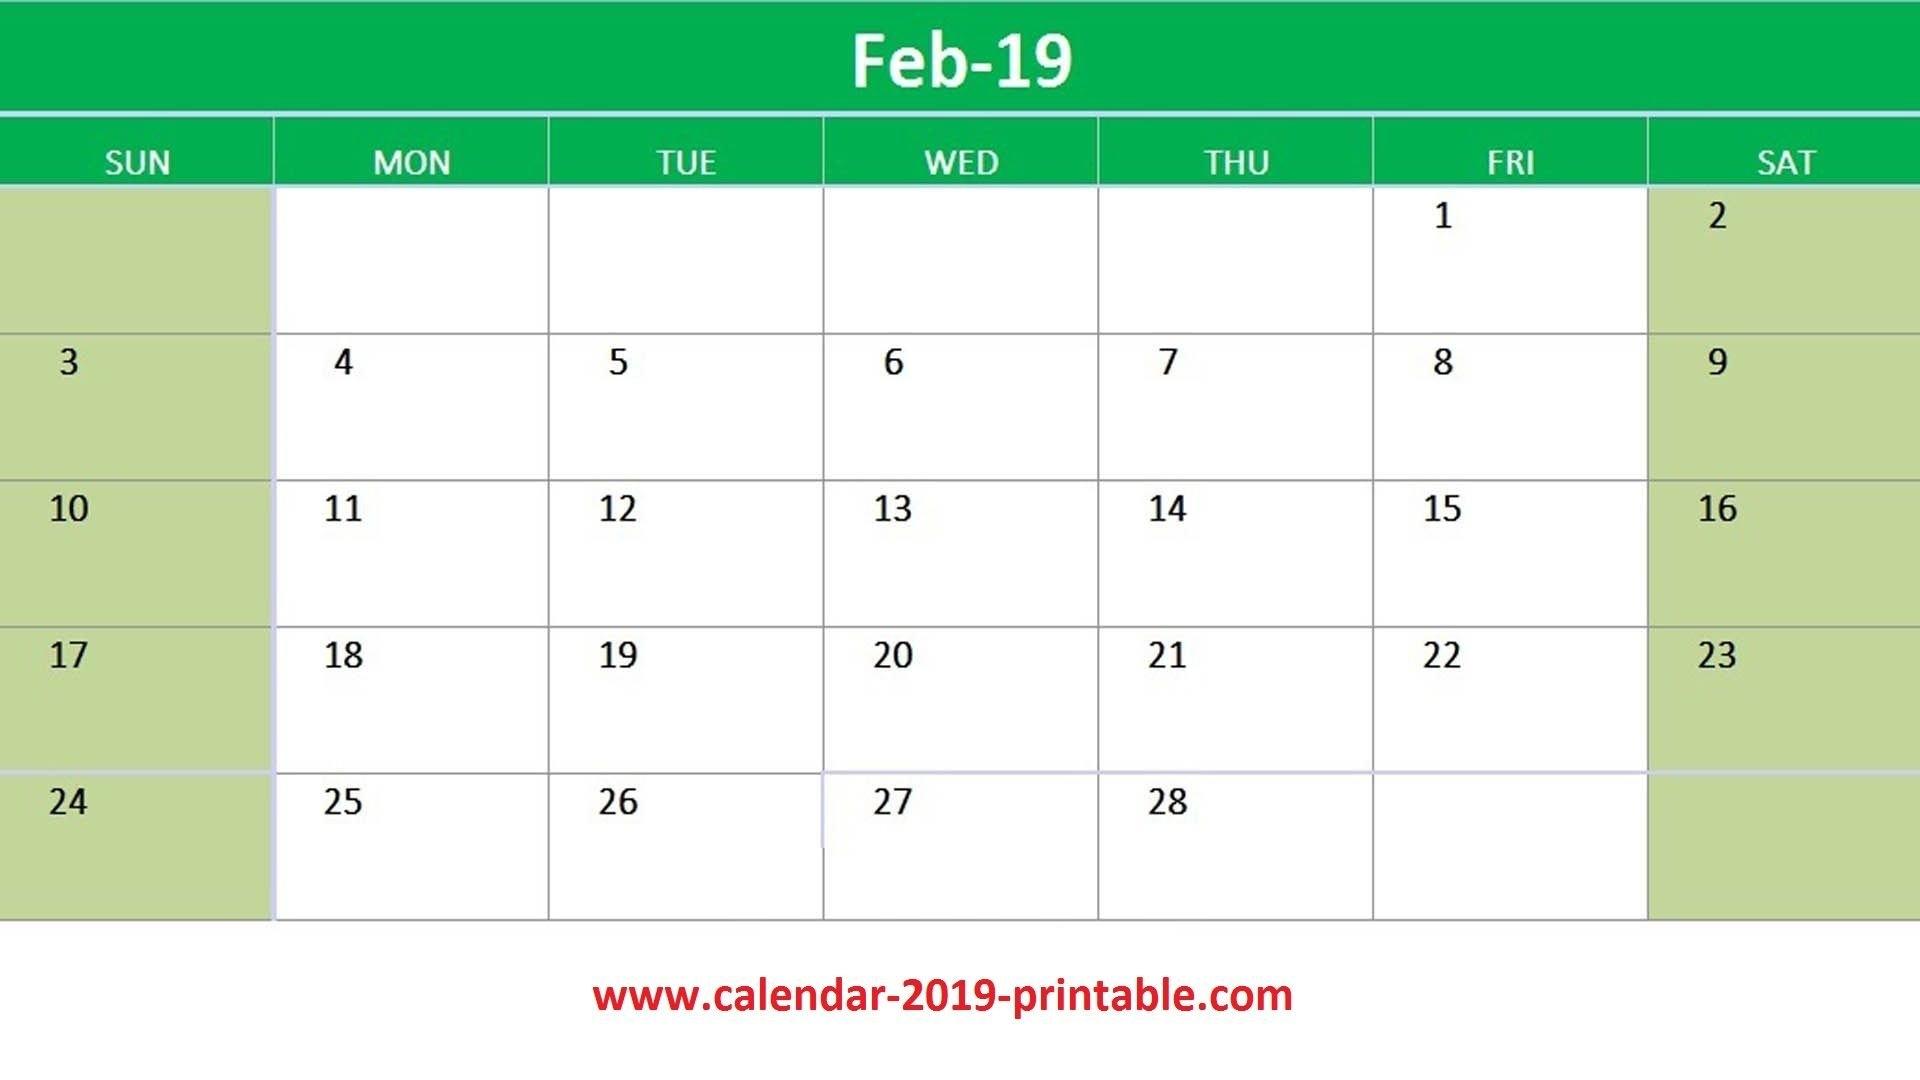 February 2019 Excel Calendar Printable   2019 Calendars   Calendar Calendar 2019 Excel Germany